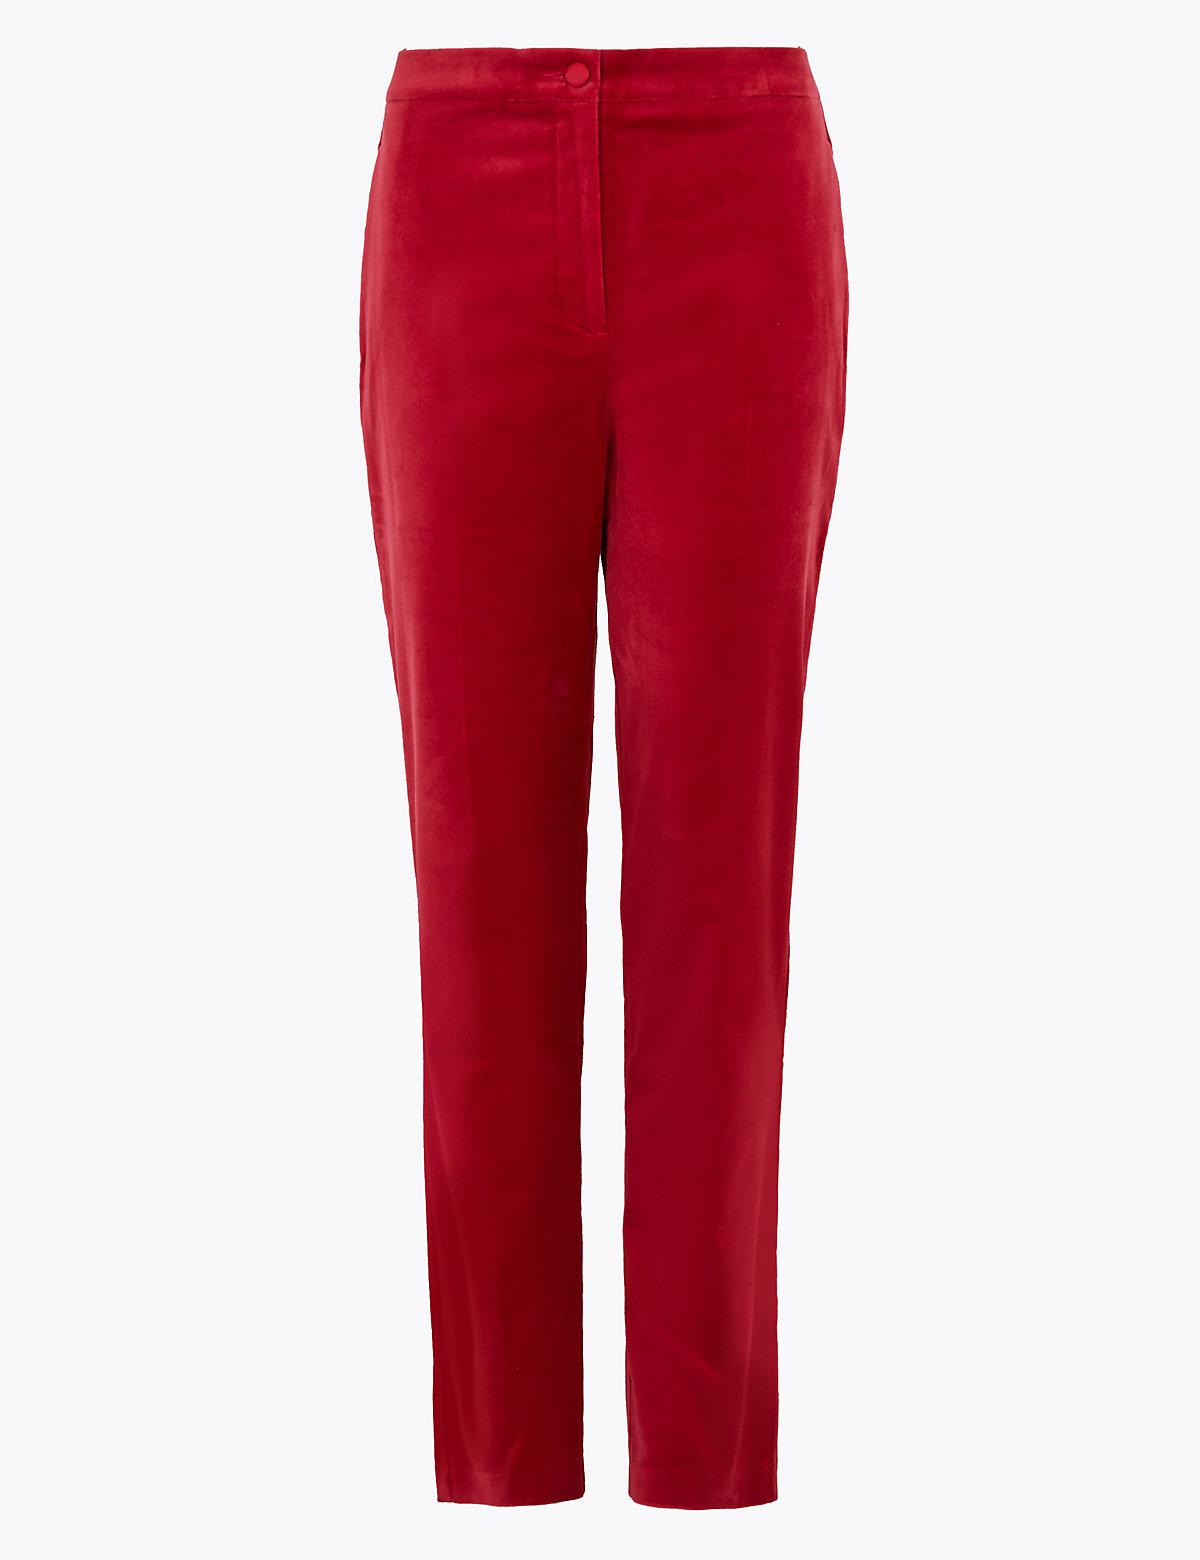 Узкие бархатные брюки Mia до щиколотки